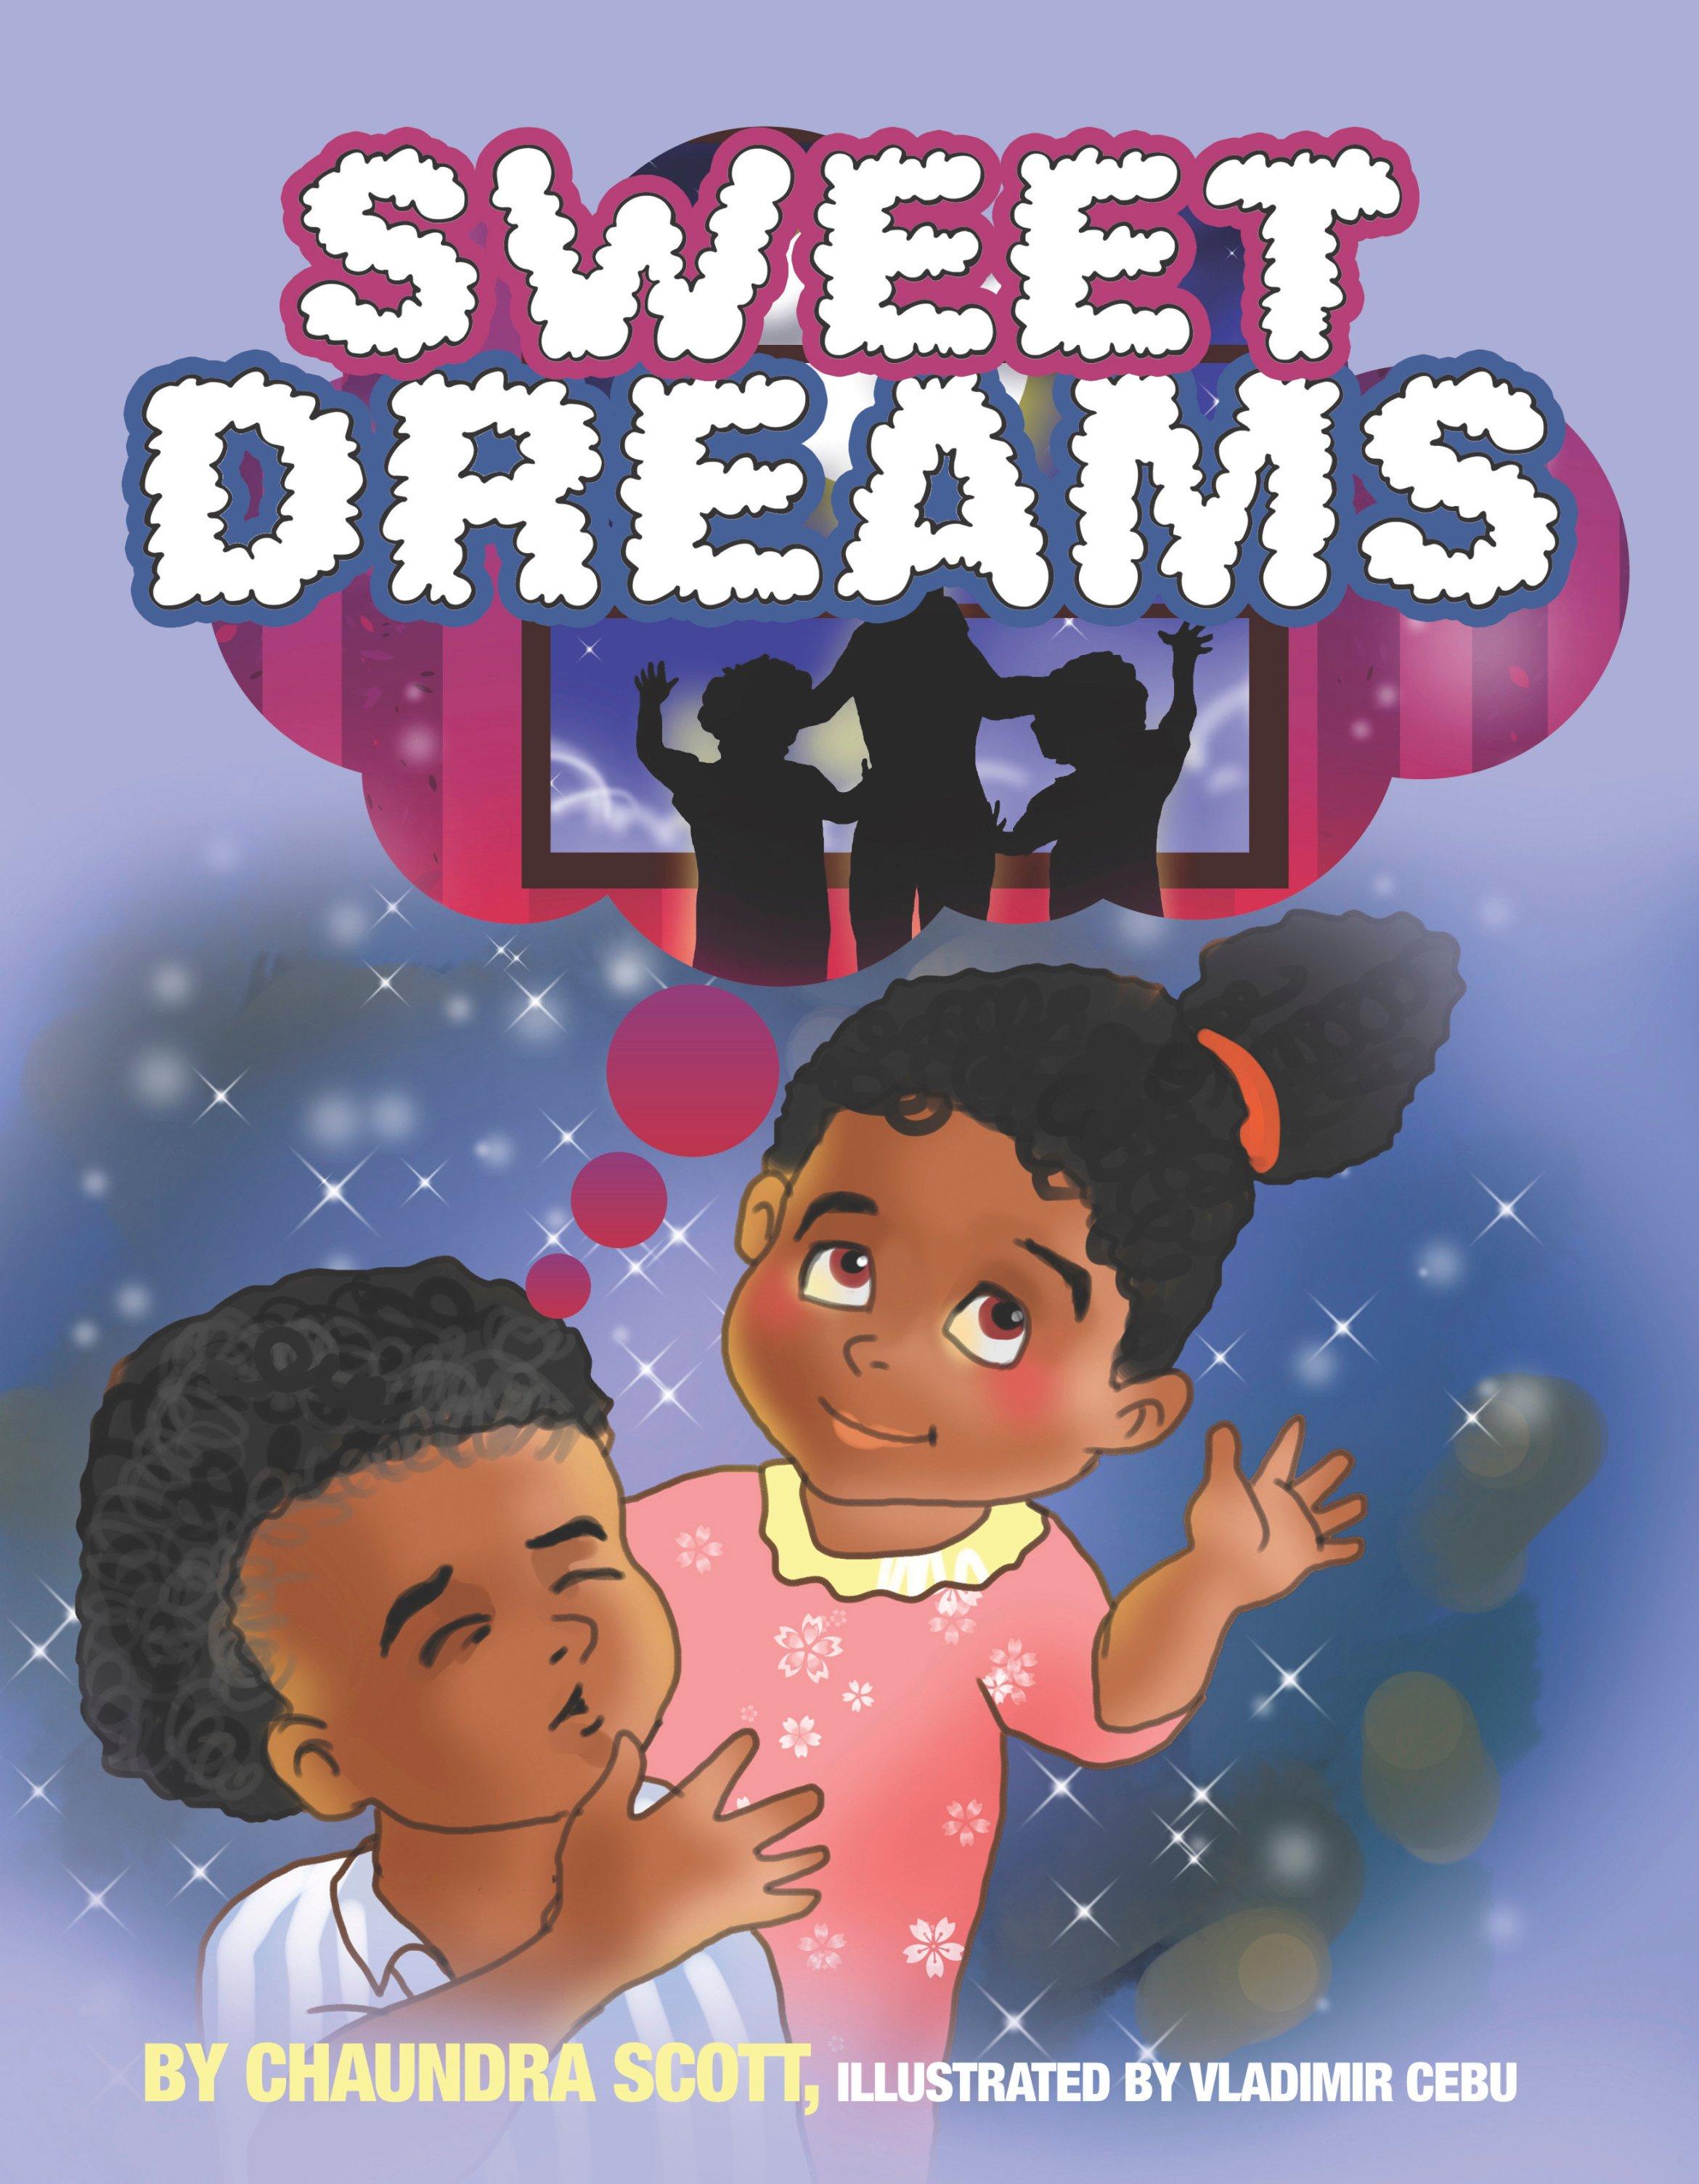 Sweet Dreams by Chaundra Scott 00003